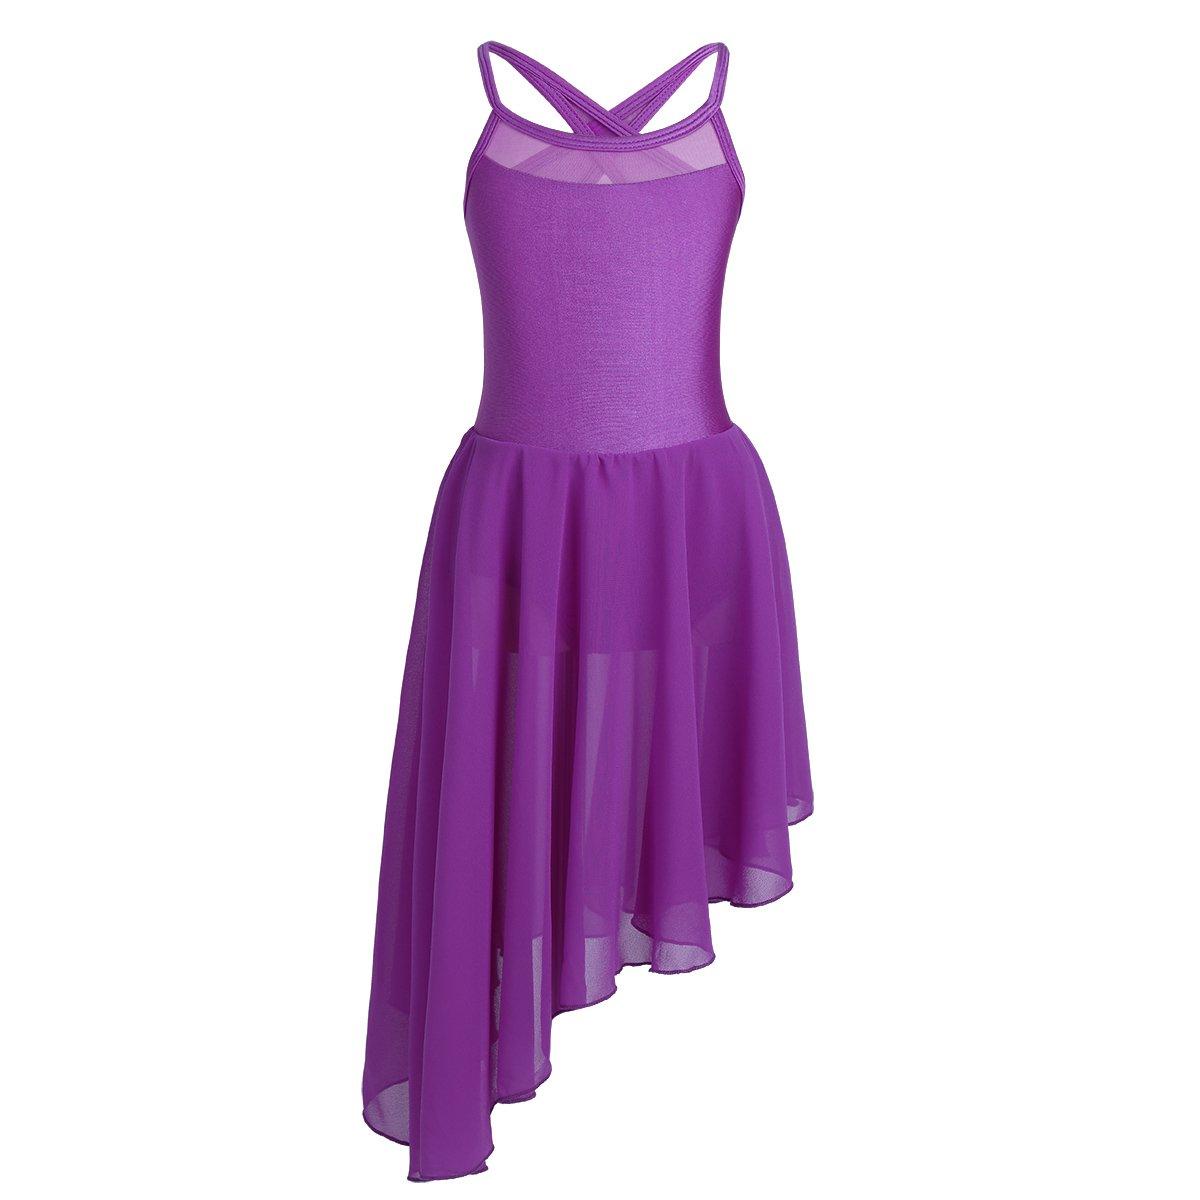 iEFiEL DRESS ガールズ B07DW4G4PY DRESS 43718 9-10|パープル パープル ガールズ 43718, メナシグン:420afa85 --- ijpba.info